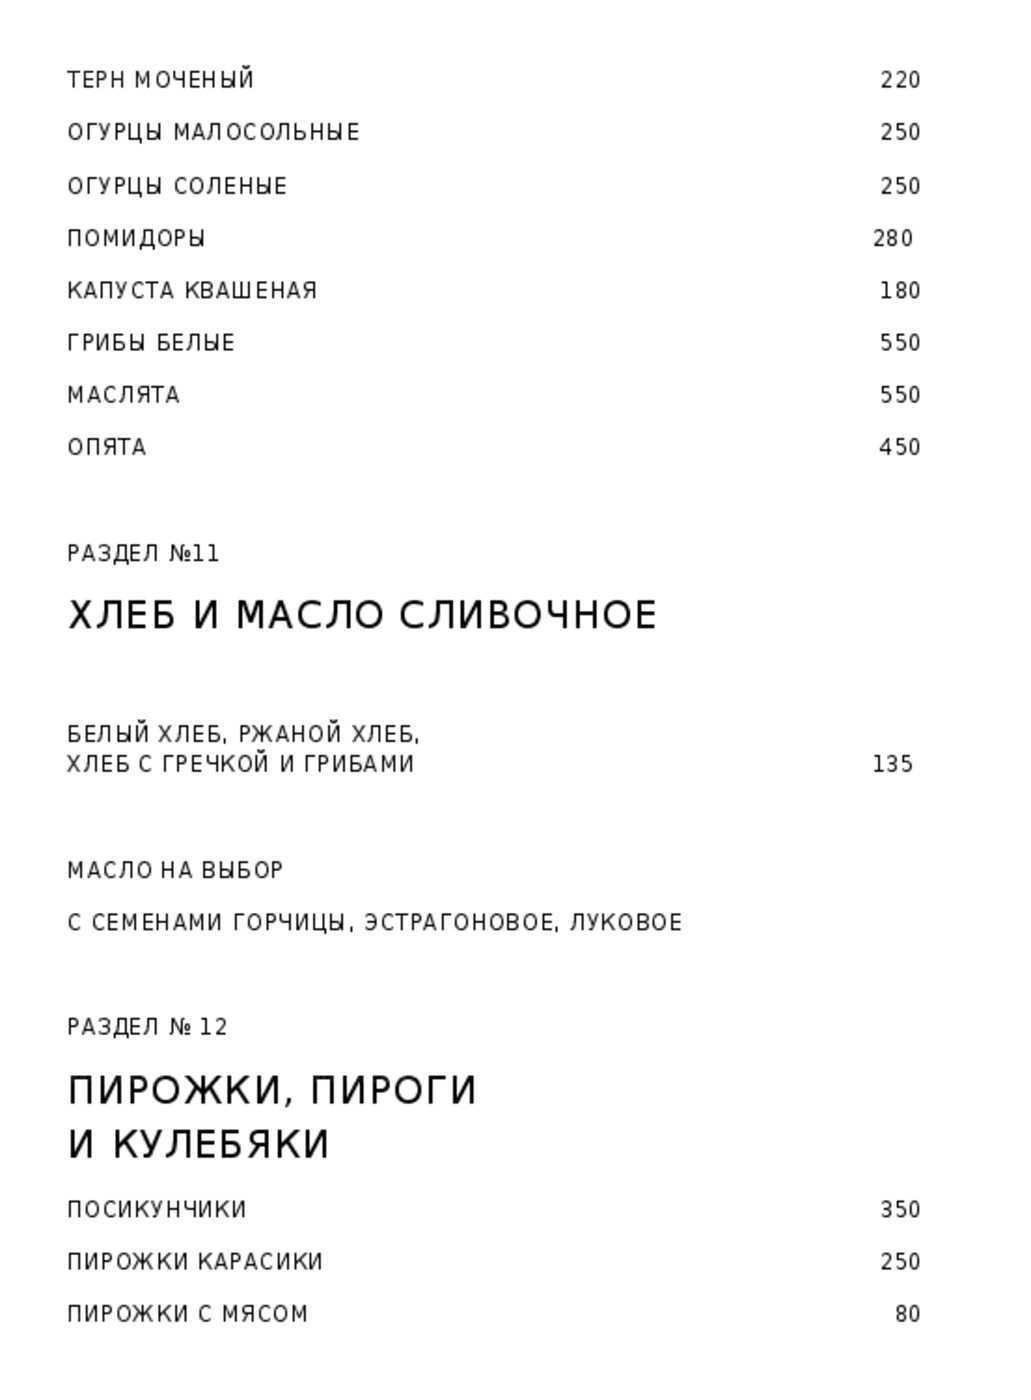 Меню ресторана Московская кухмистерская на Большой Никитской улице